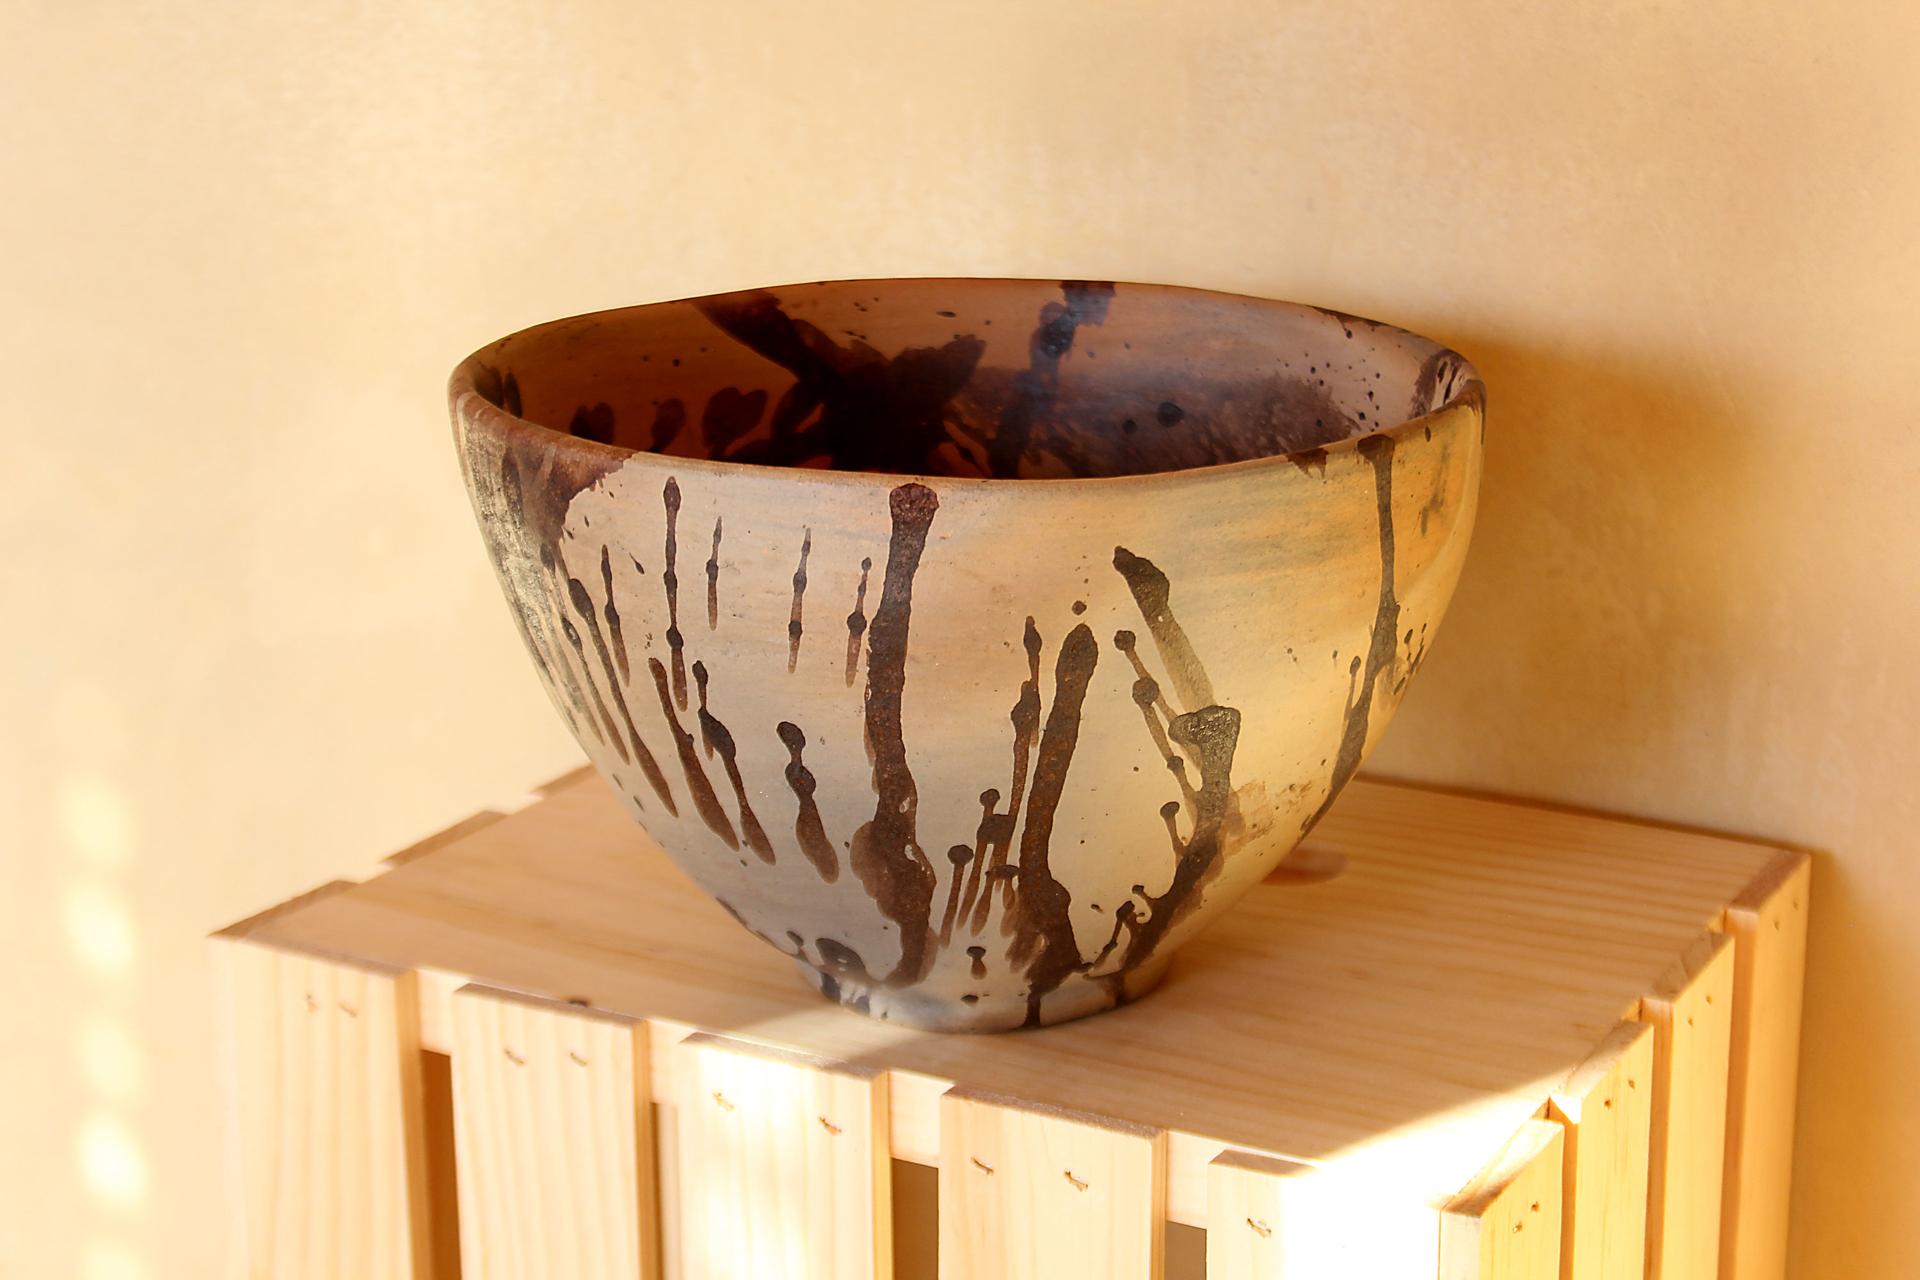 Cirilio Bowl Medium by Colectivo 1050